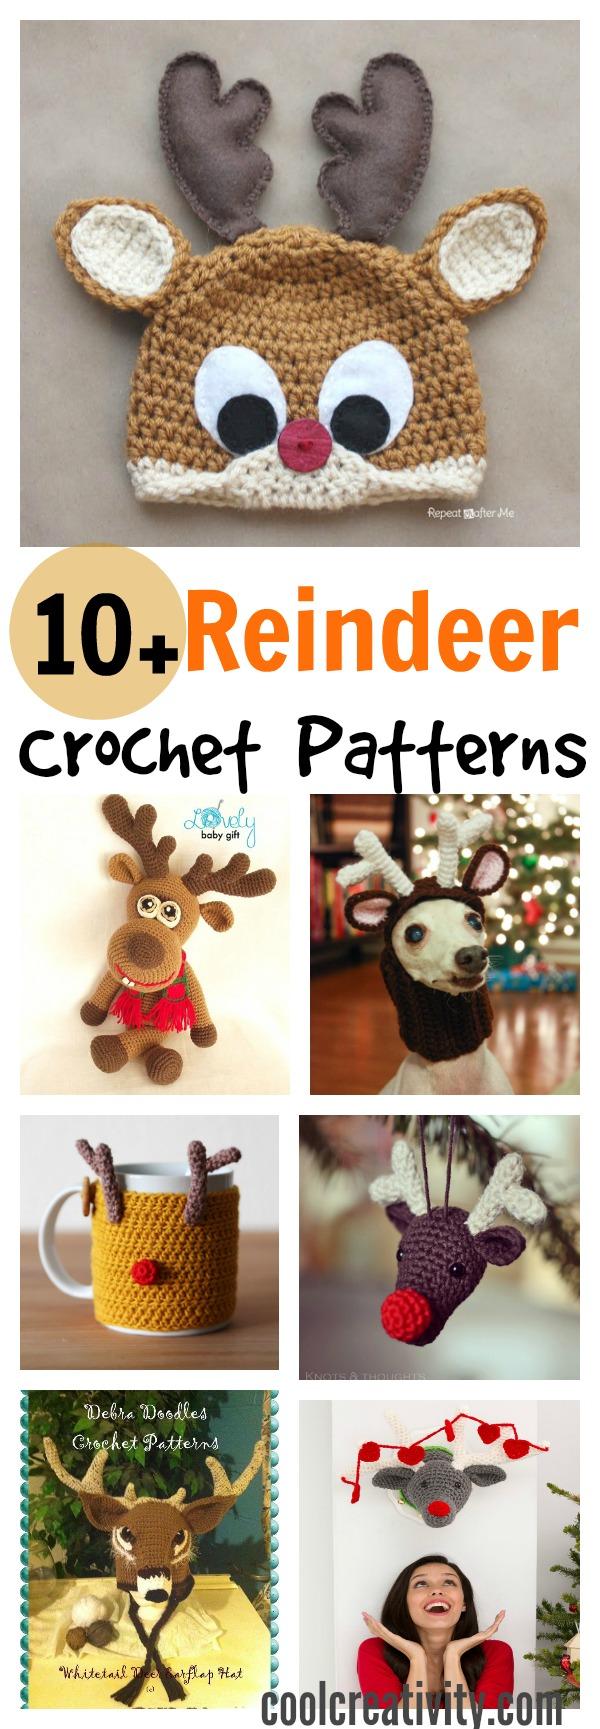 20 Crochet Reindeer Patterns